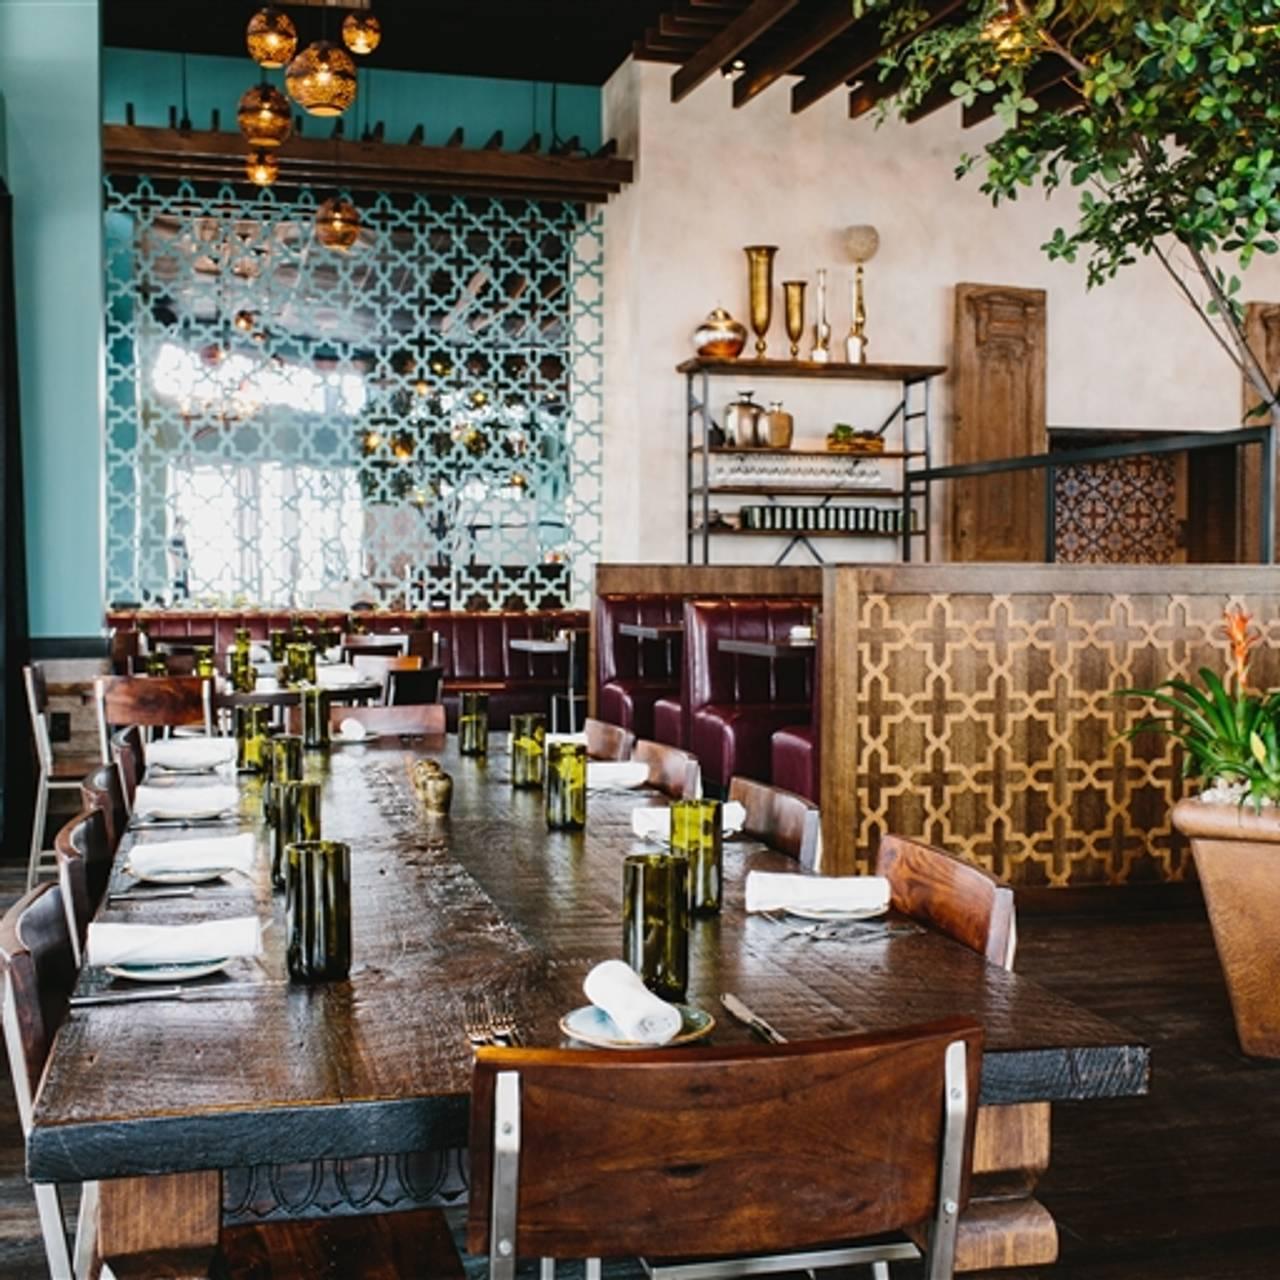 Gypsy Kitchen Restaurant Atlanta Ga Opentable